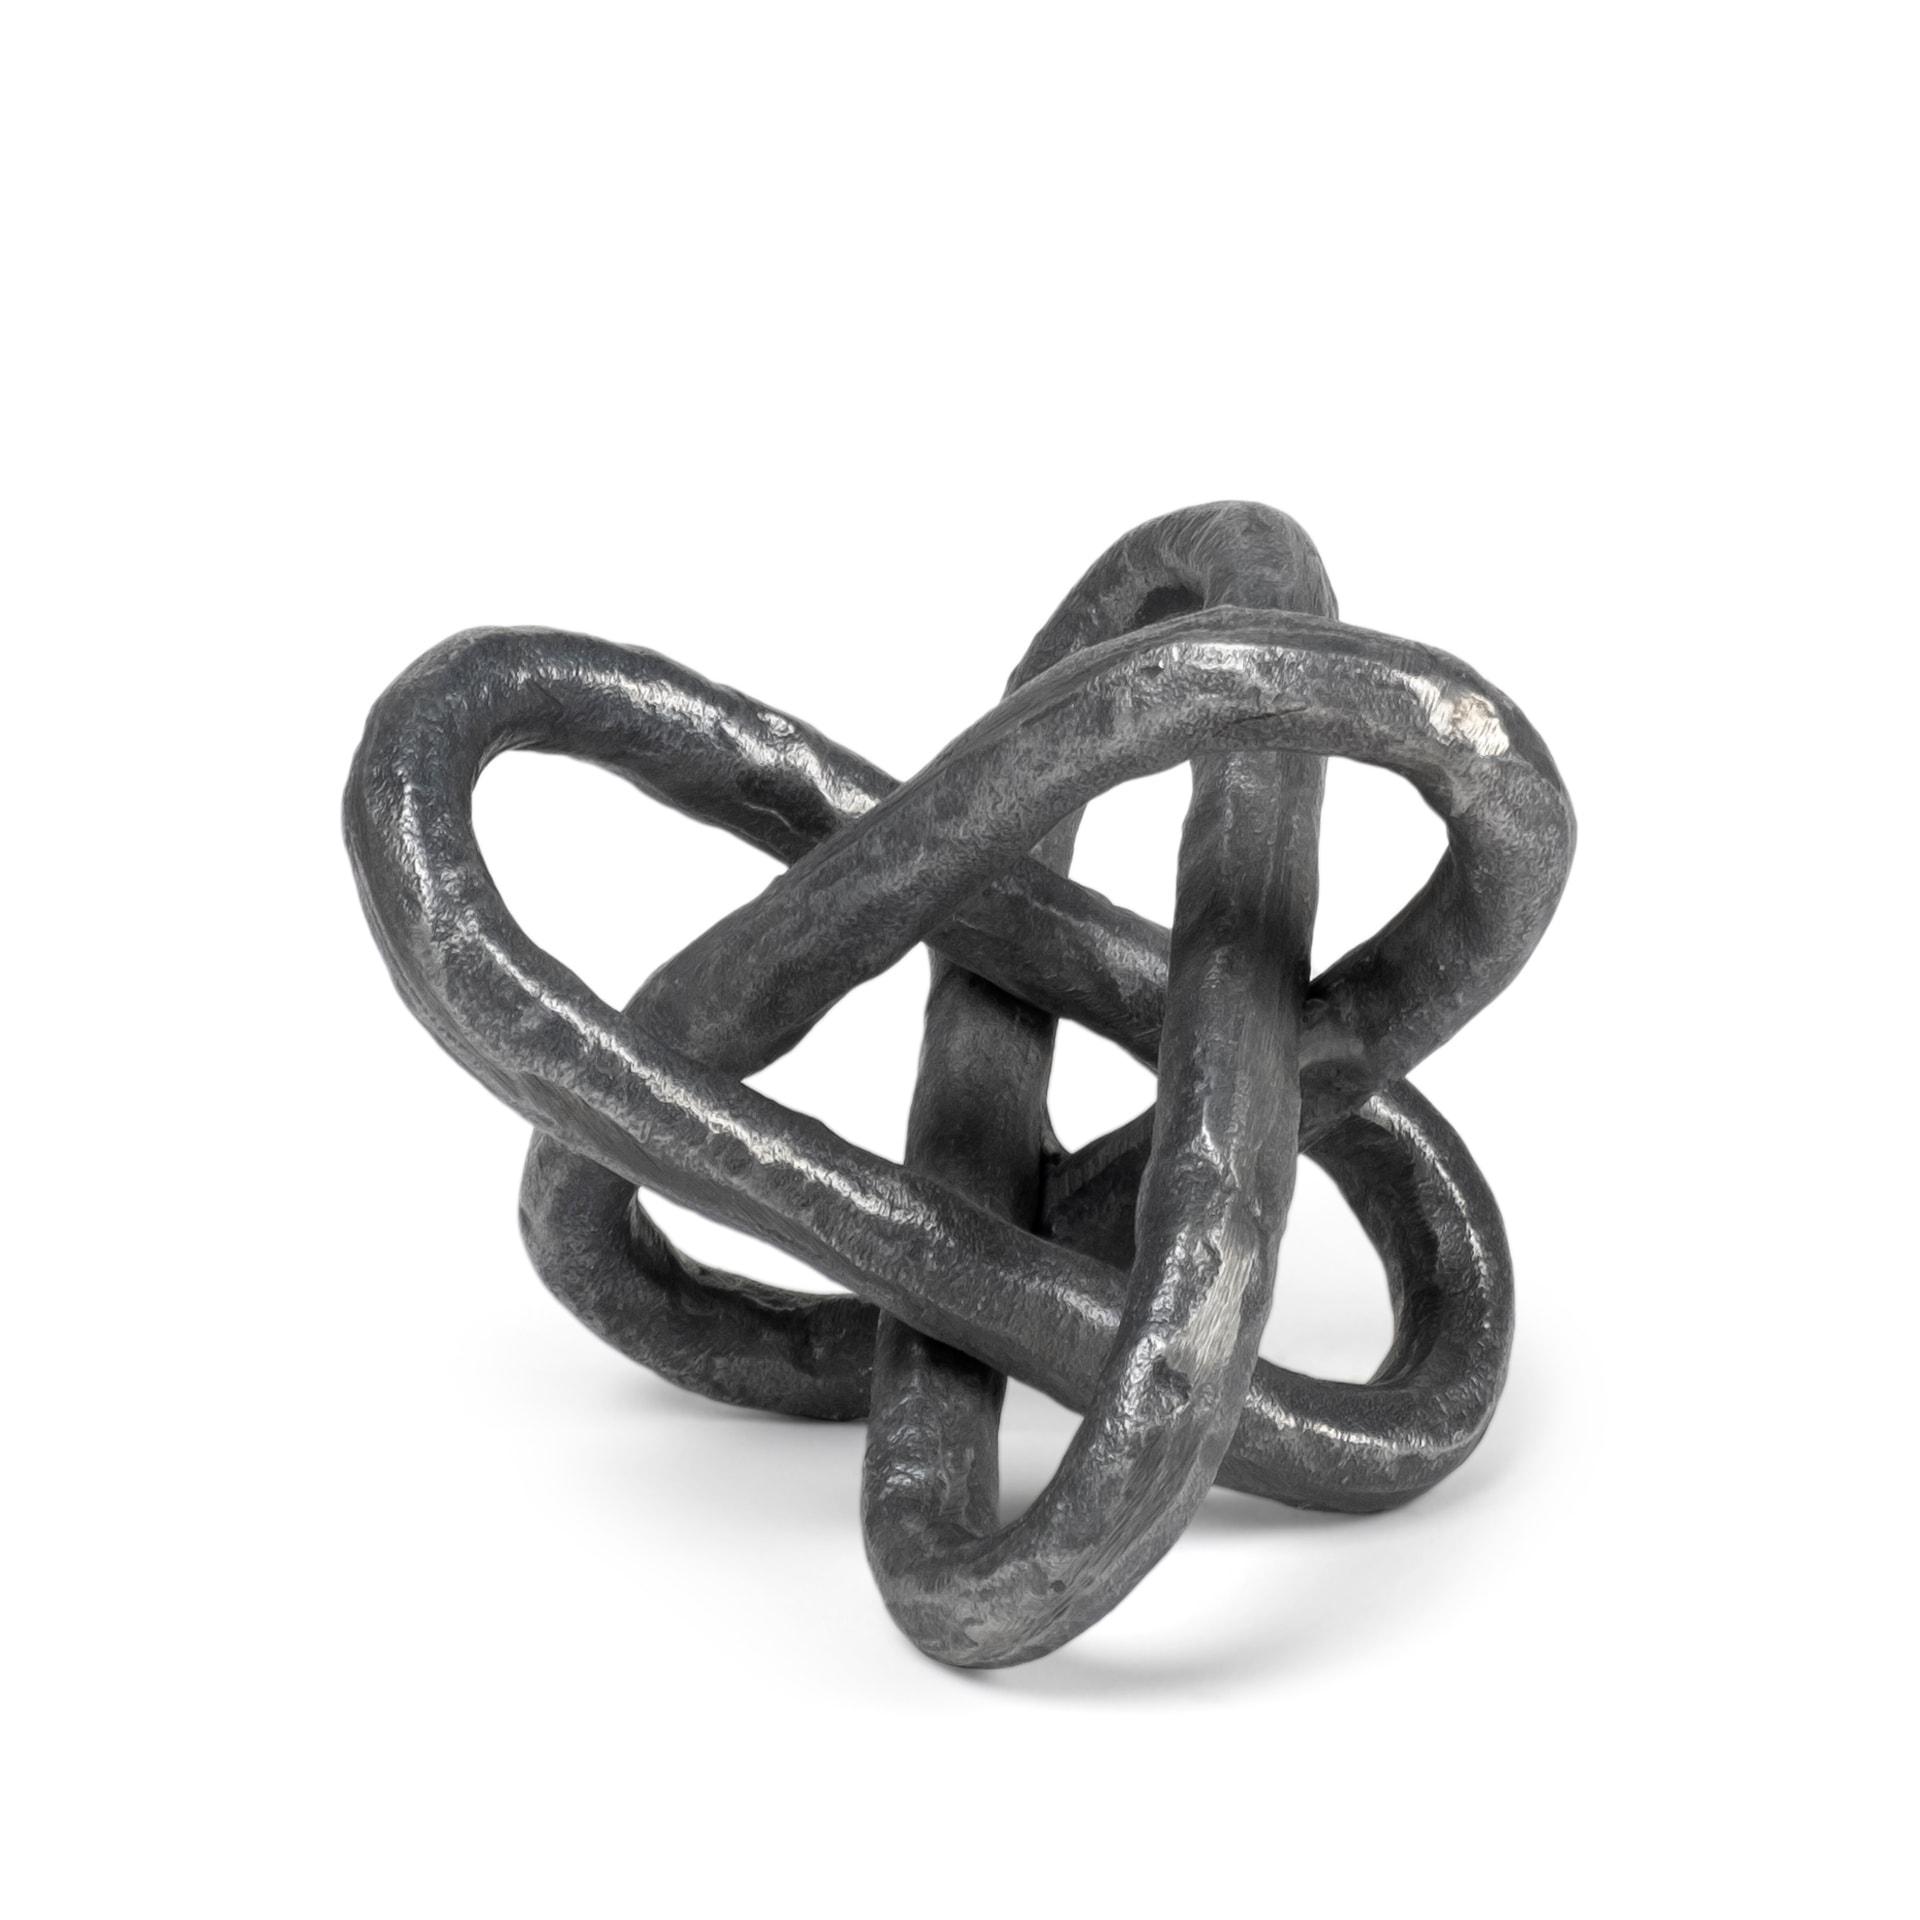 Mercana Winston I (Silver) S Decorative Object